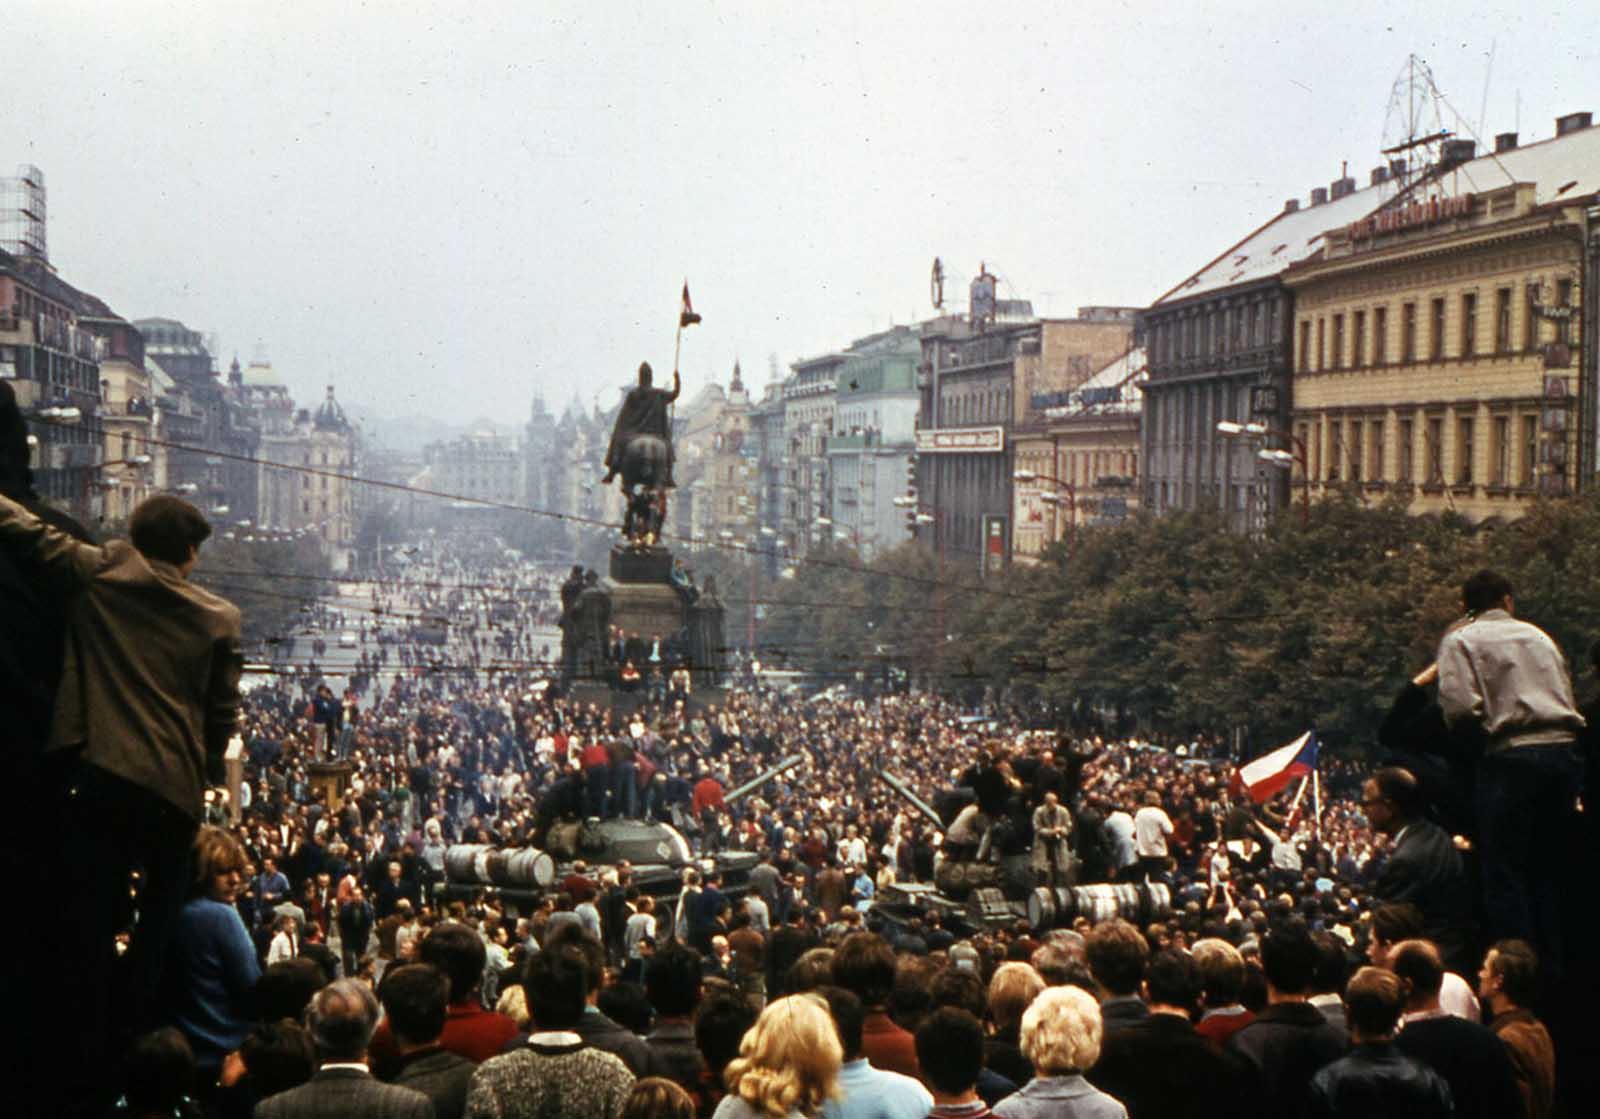 Miles de manifestantes se agolpan en la Plaza Wenceslao, en el centro de Praga, en agosto de 1968, manifestándose en contra de la invasión soviética.